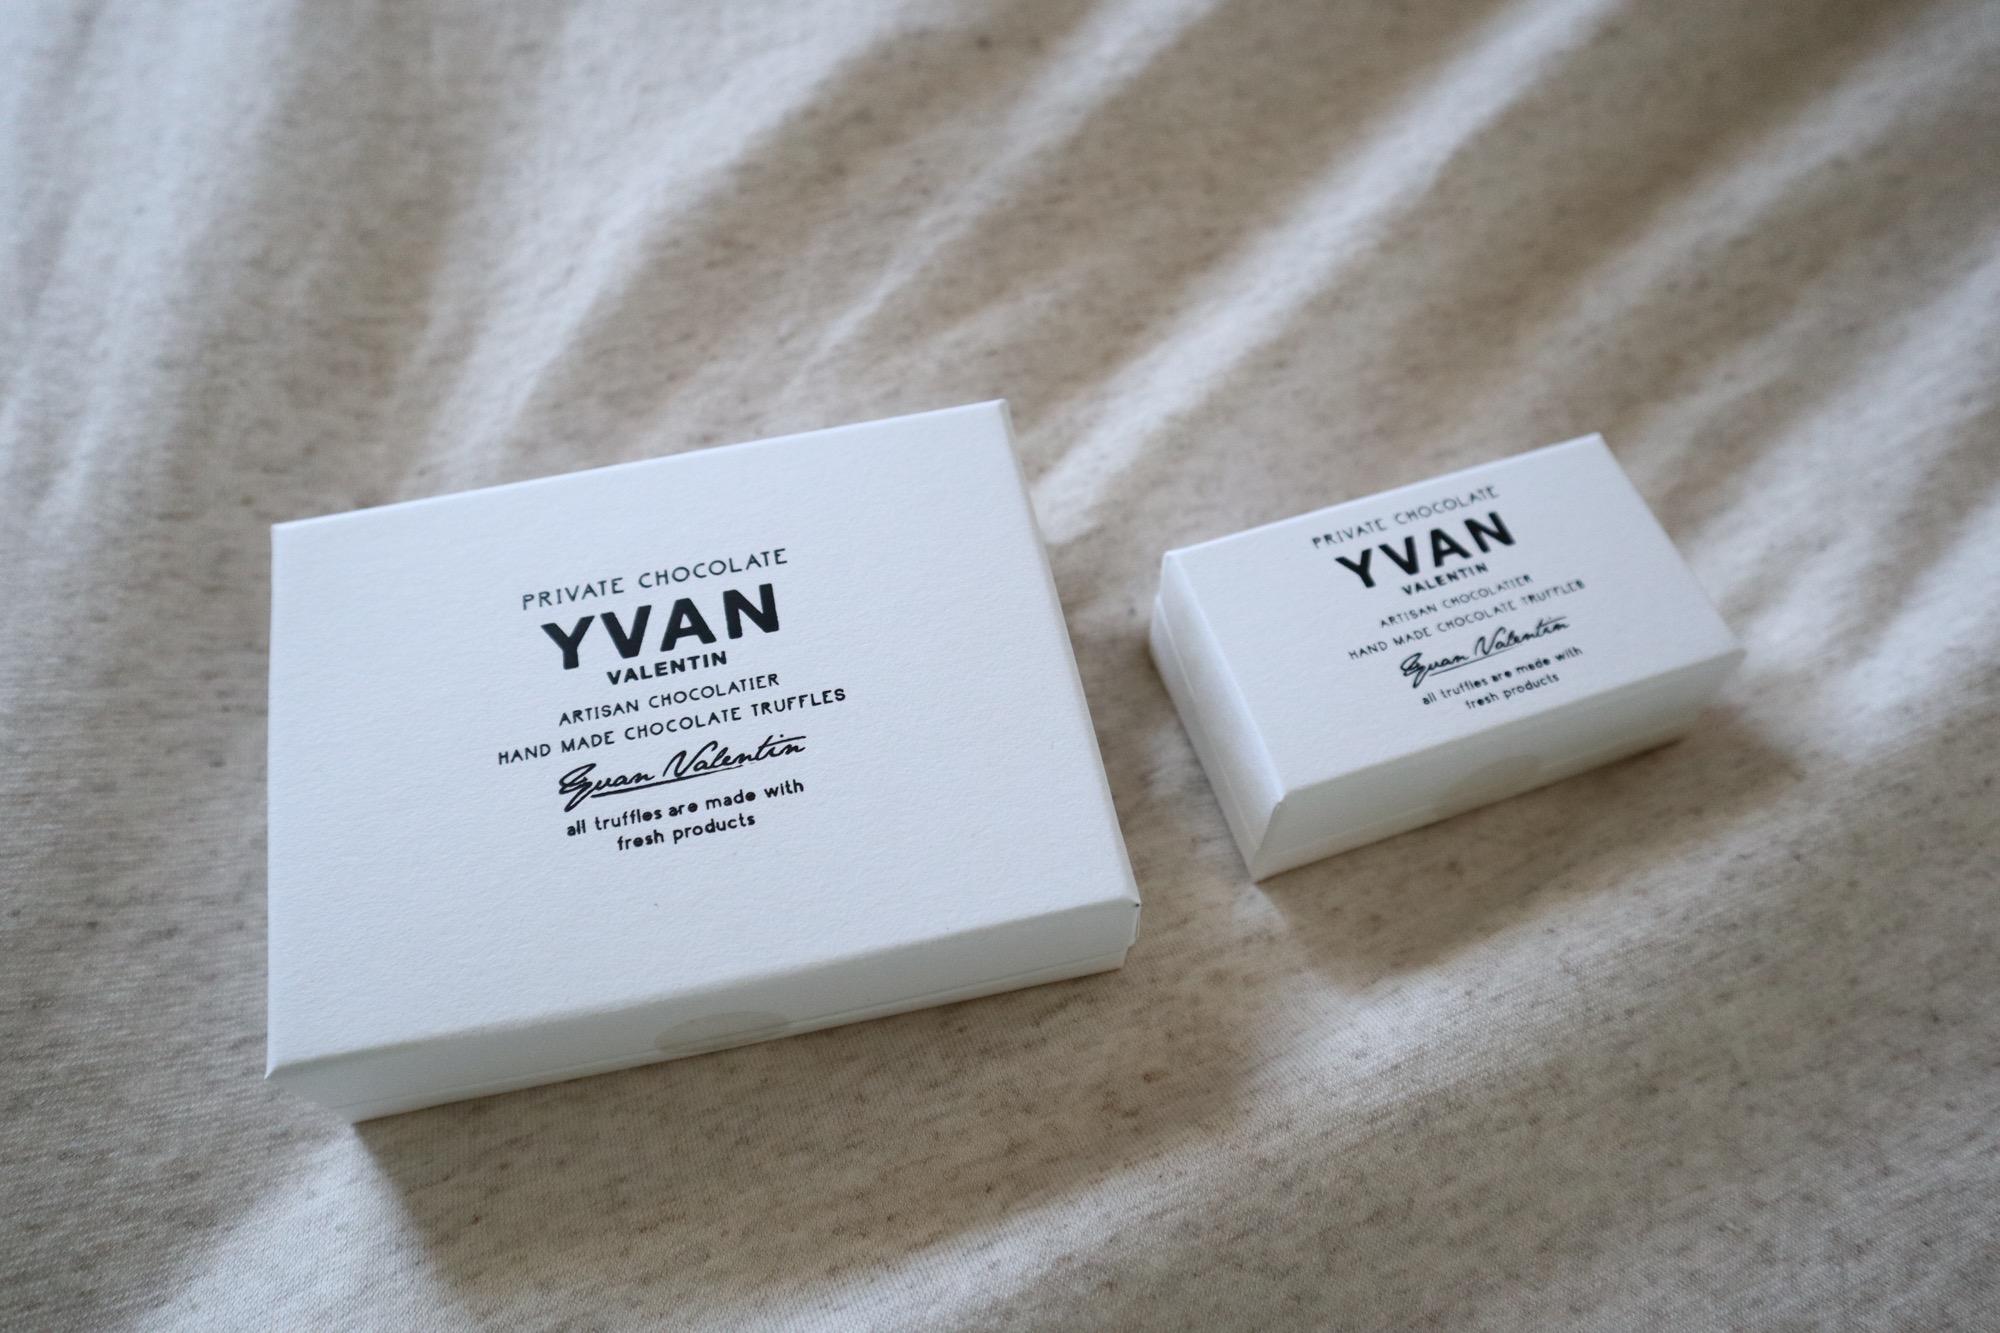 《2021バレンタイン❤️》完売必至!あの!激レア【YVAN VALENTIN】チョコ購入方法をレポ☝︎❤︎_2